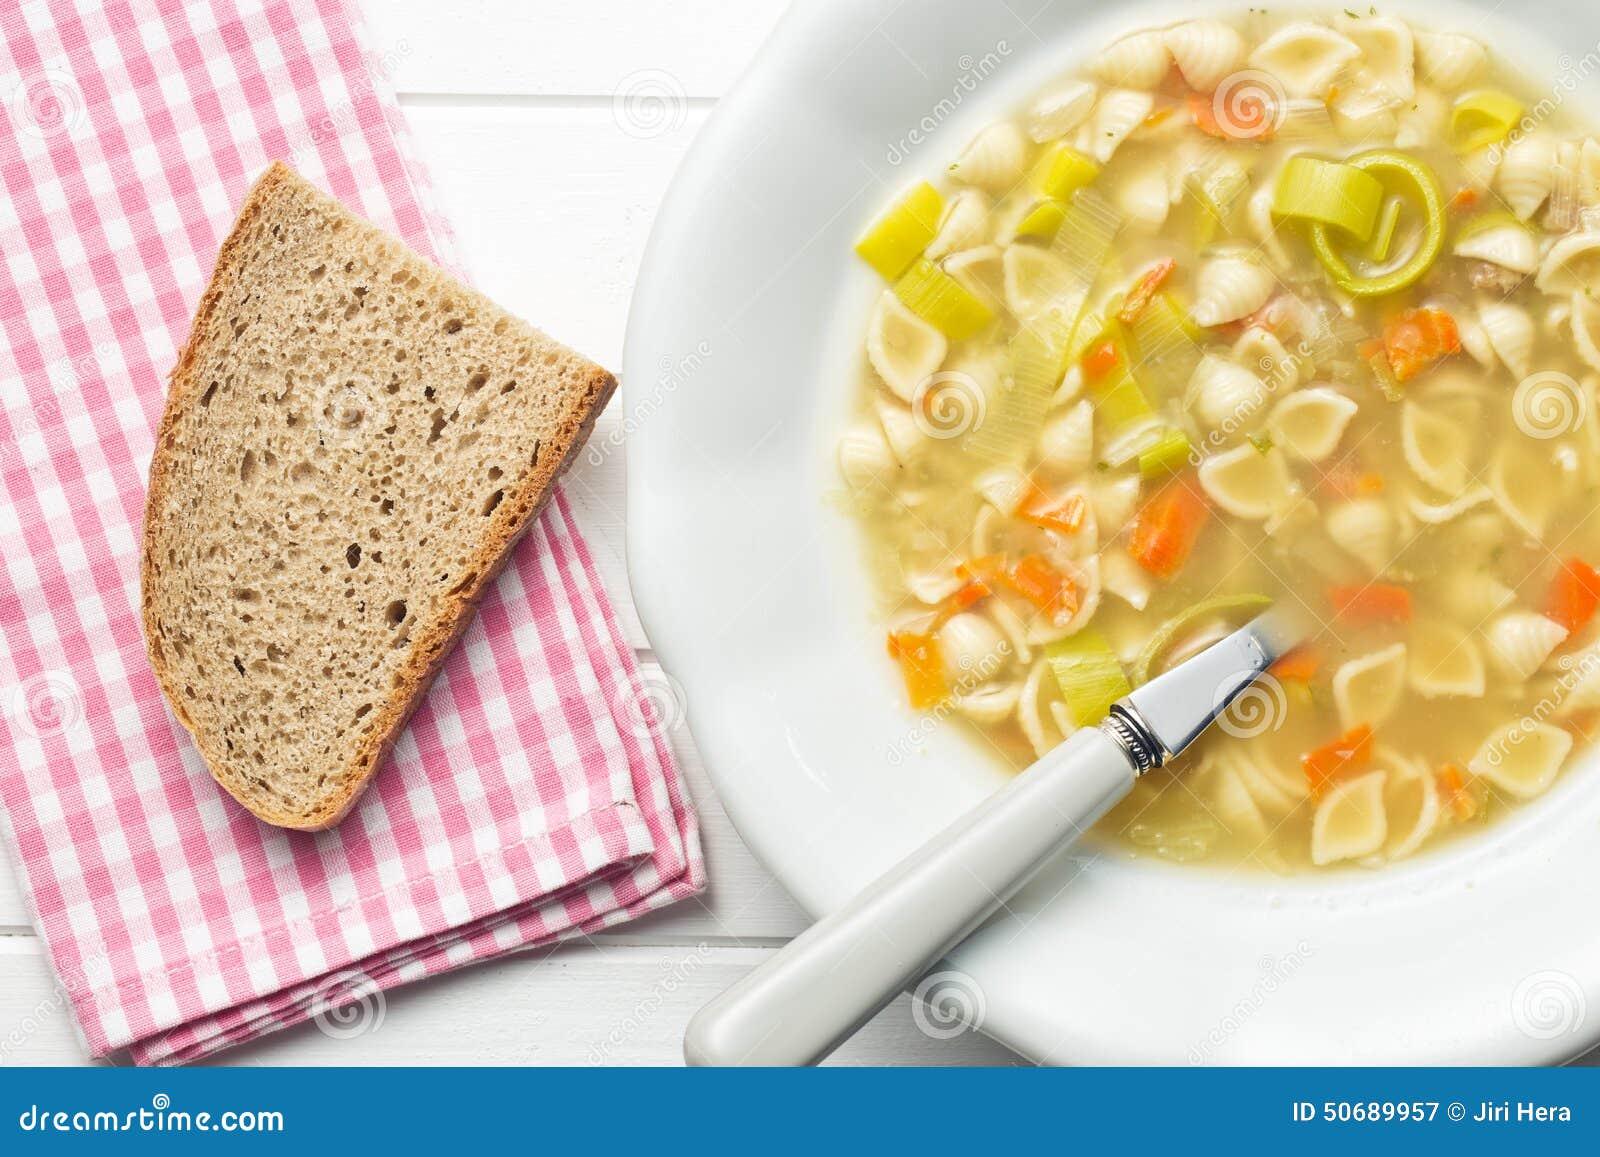 Download 与面团的蔬菜汤 库存图片. 图片 包括有 用餐, 饮食, 美食, 新鲜, 烹调, 蔬菜, 匙子, 温暖, 可口 - 50689957